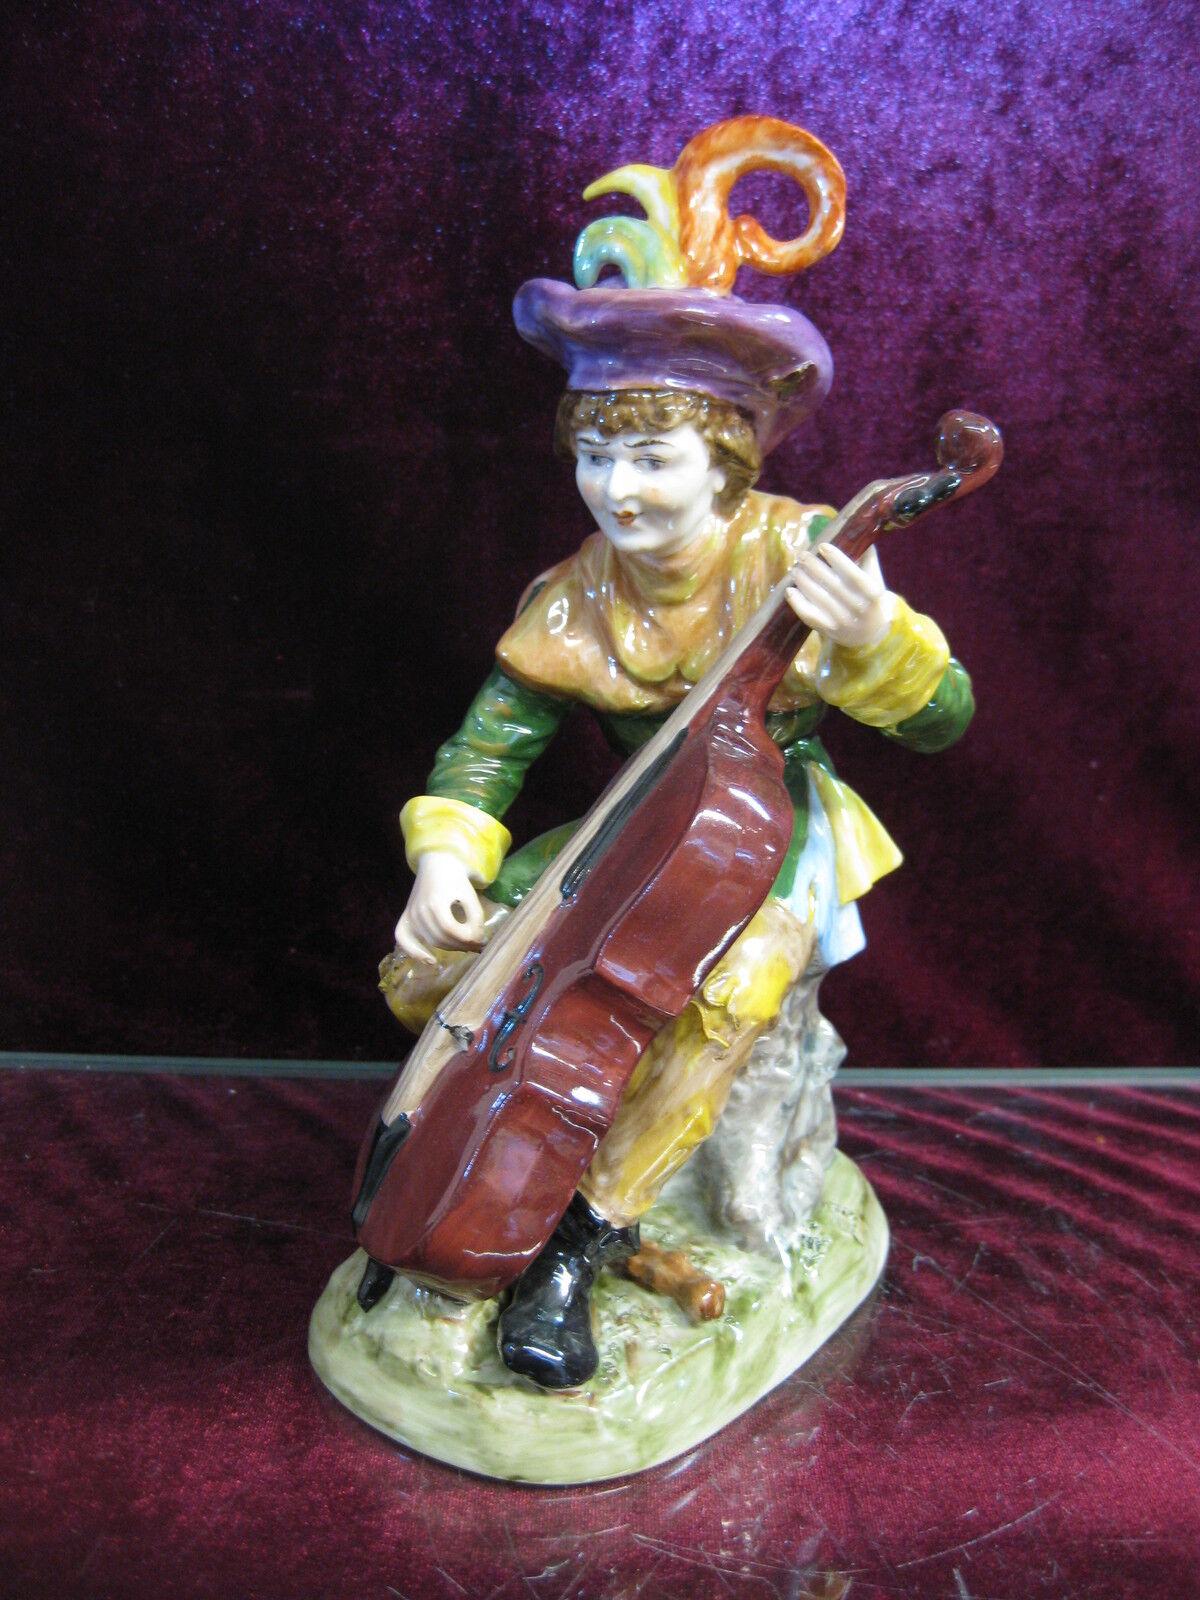 Capo di Monte mendiant Bass violoncelle violon musicien personnage volkstedt Ernst Haricot